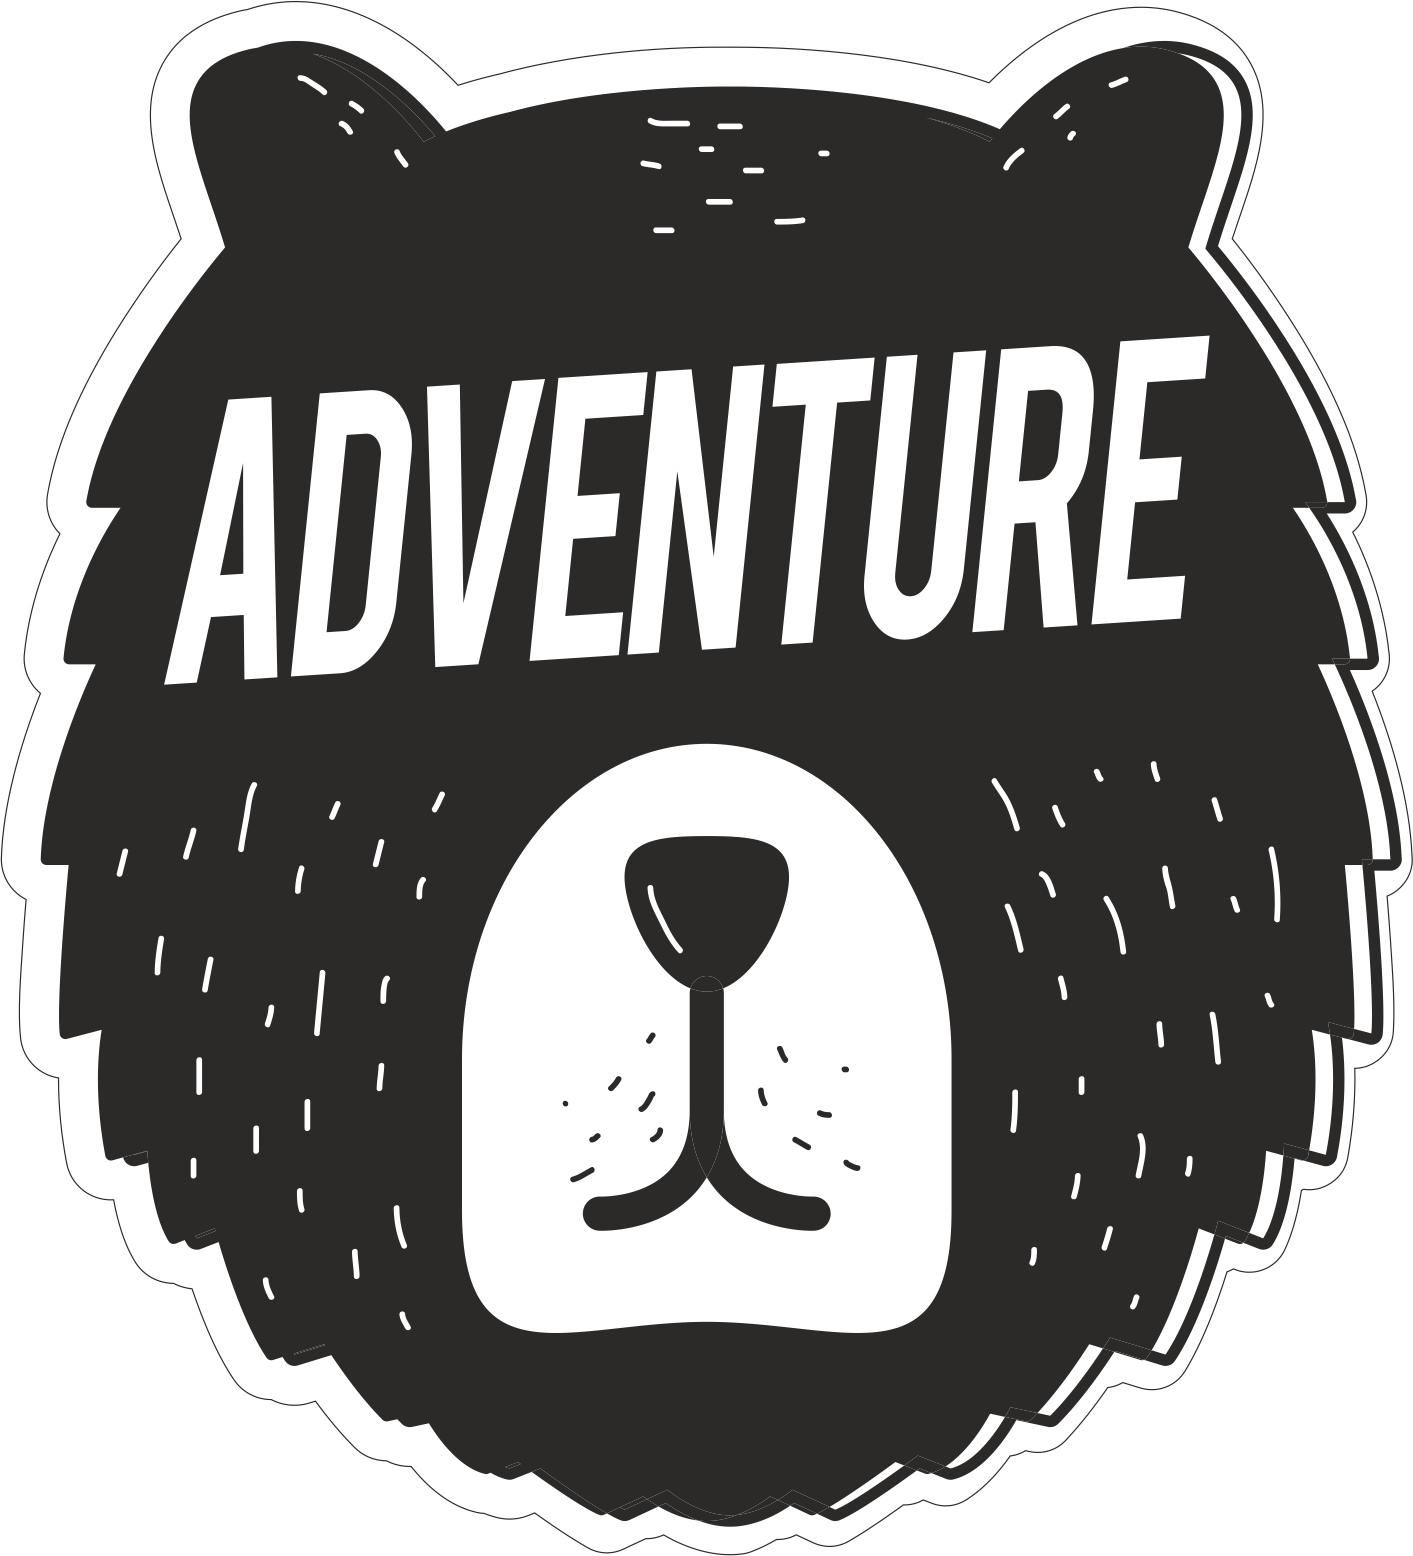 Adventure Sticker Free CDR Vectors Art